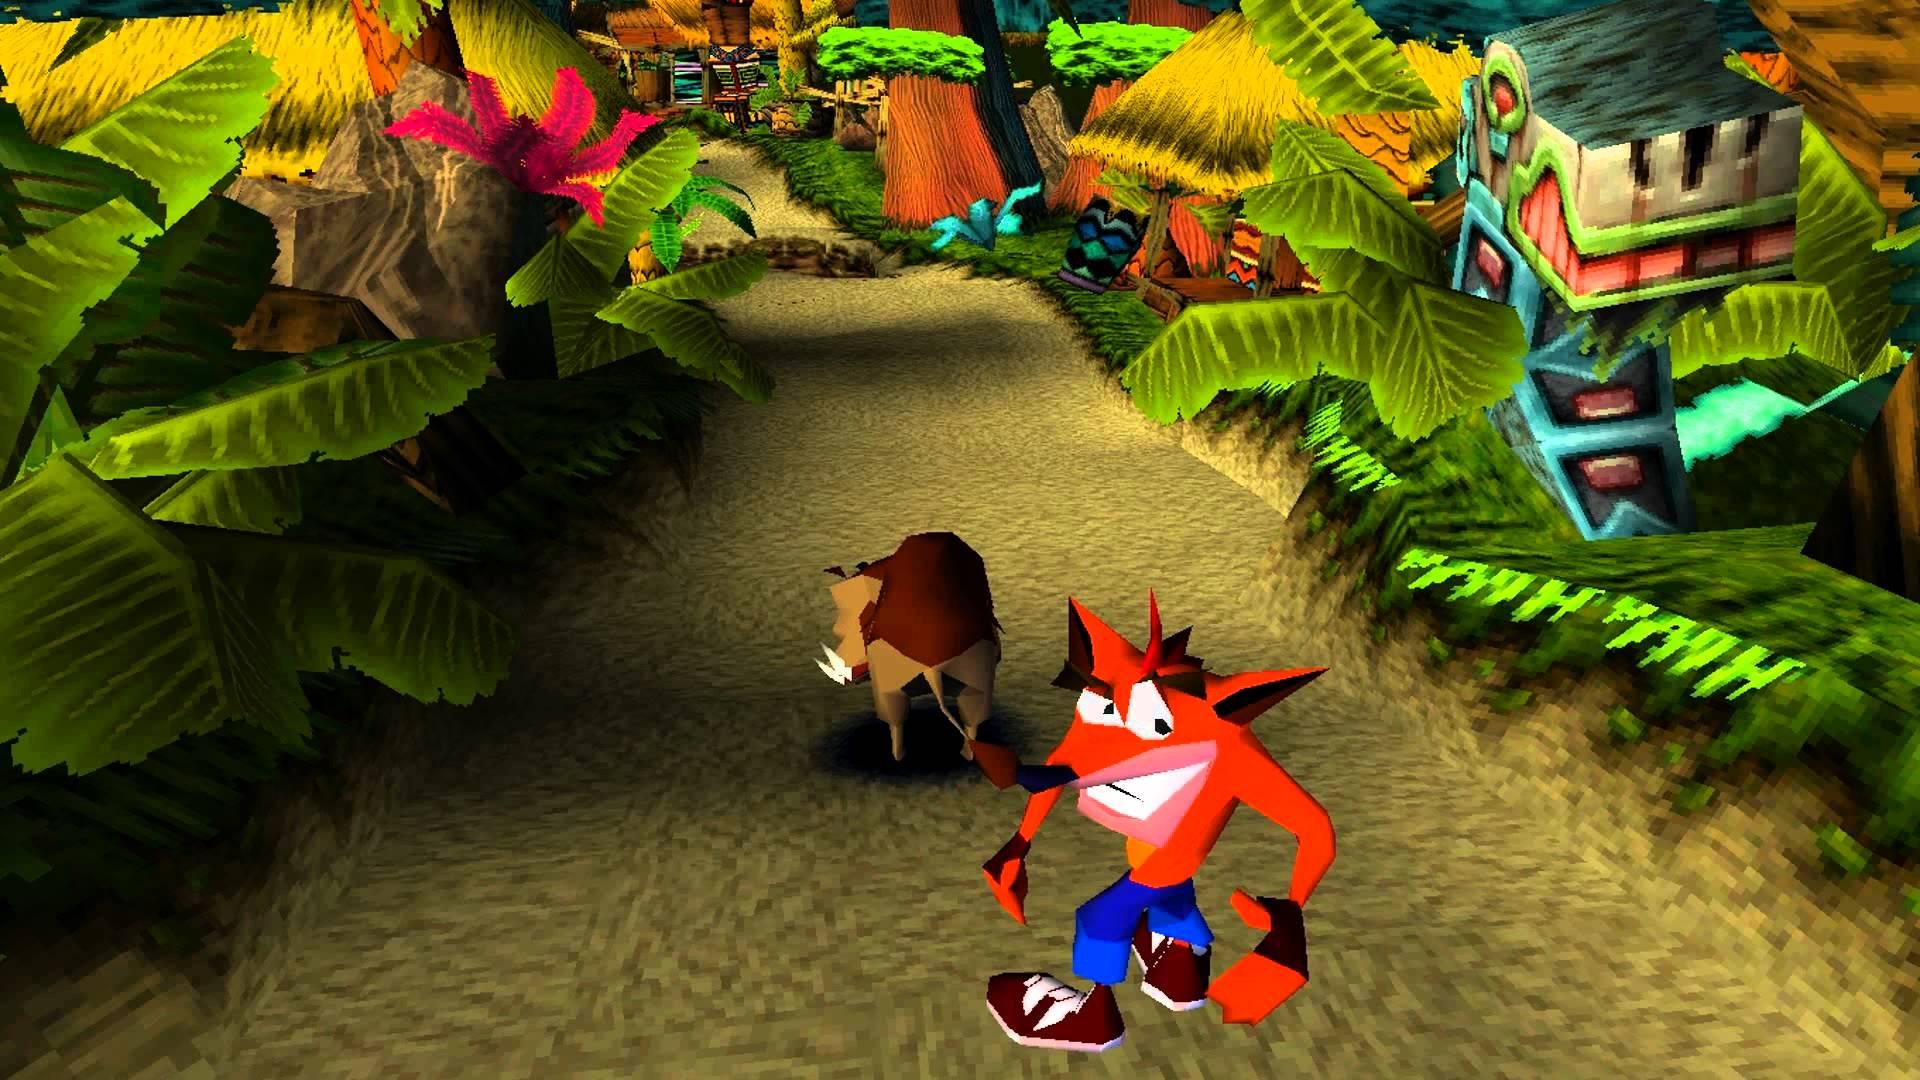 Как Crash Bandicoot взламывал Playstation - 1